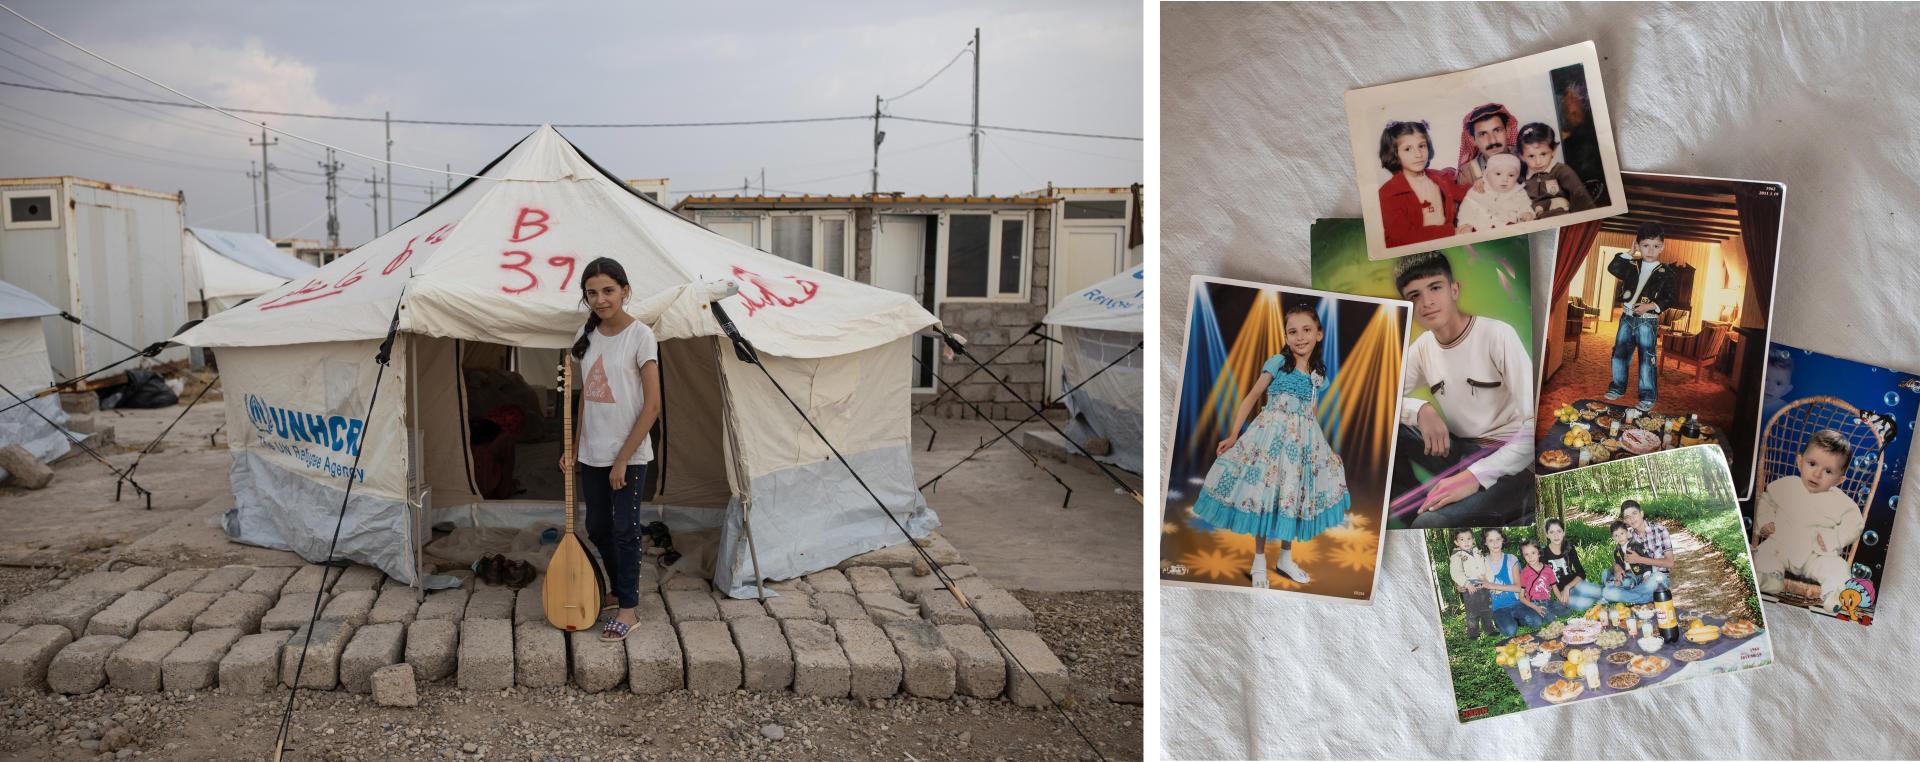 Soline, 15 ans, originaire de Kamechliyé (Nord-Est syrien), pose avec son luth, instrument traditionnel kurde, le 21 octobre, au camp de réfugiés de Bardarash (Kurdistan irakien). Elle a fui la Syrie avec sa mère et son frère trois jours auparavant. Sur les quelques photos qu'elle a emportées, on peut voir les autres membres de sa famille restés en Syrie.C'est la deuxième fois qu'ils viennent se réfugier en Irak. Ils étaient déjà là en 2014. Nadja, la mère de Solin, nous dit: «Le Rojava, c'est notre maison, on a jamais voulu la quitter. »